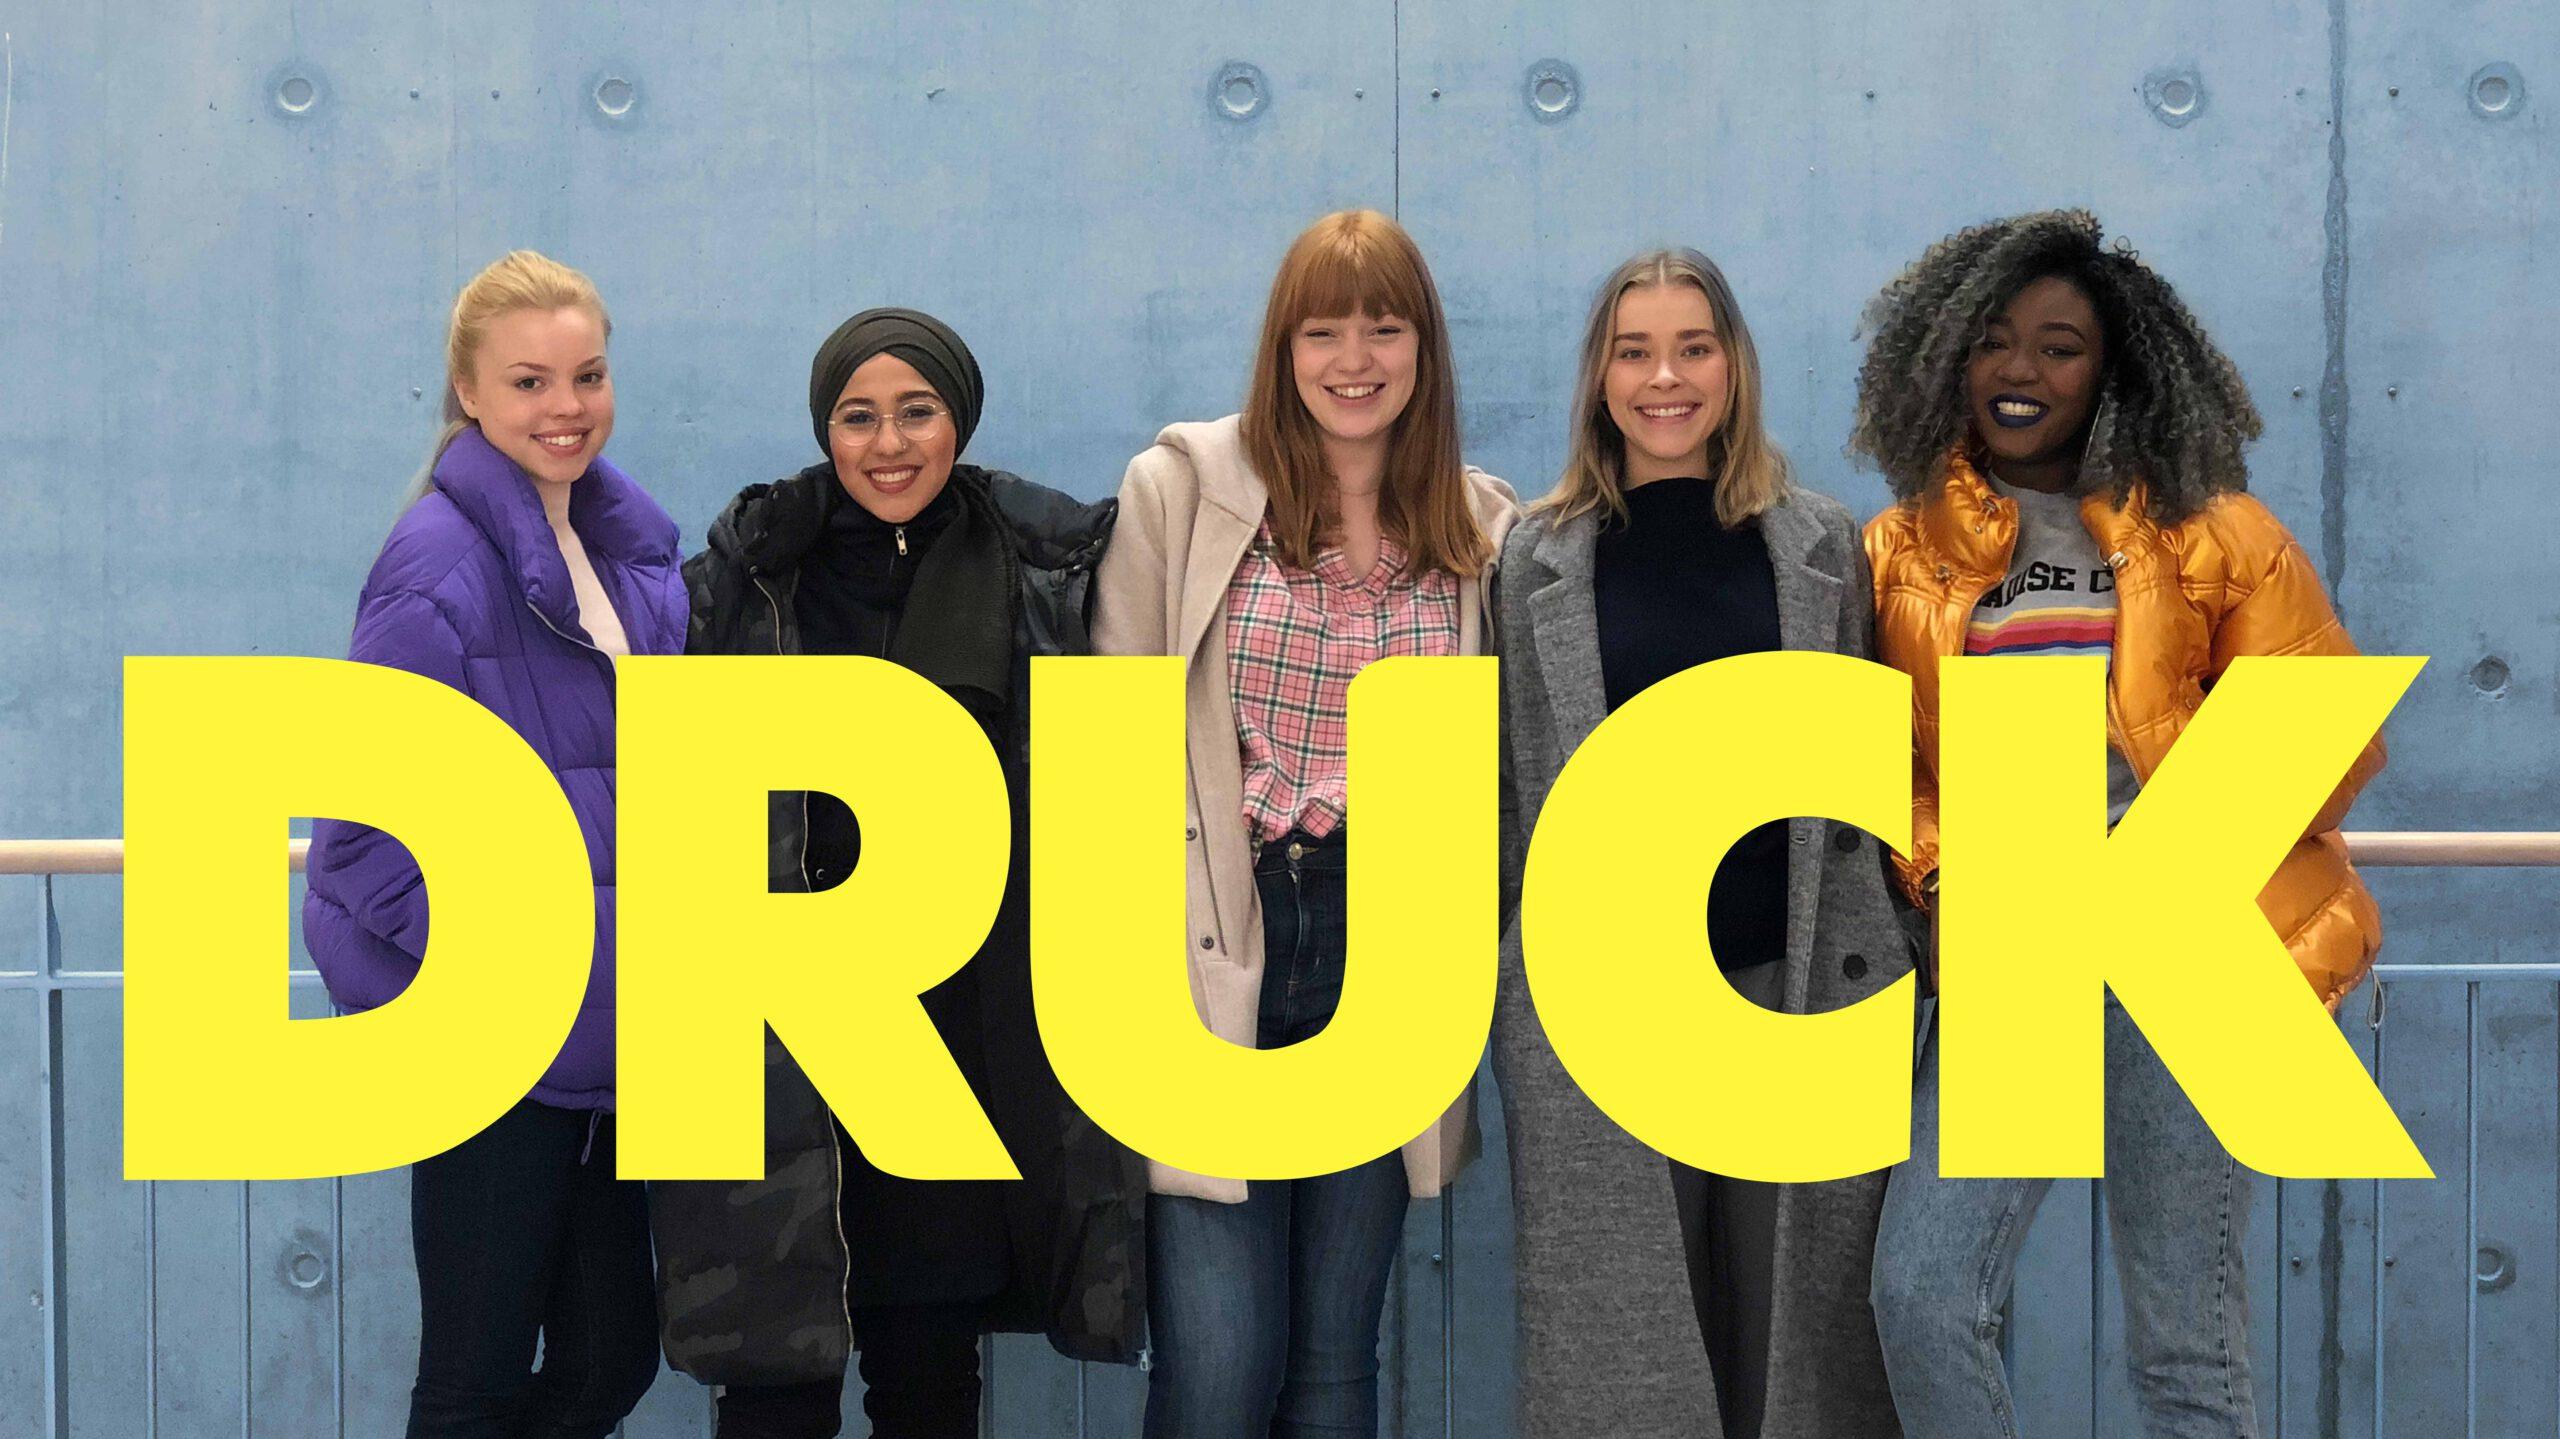 DRUCK- die neue Staffel der Webserie steht in den Startlöchern